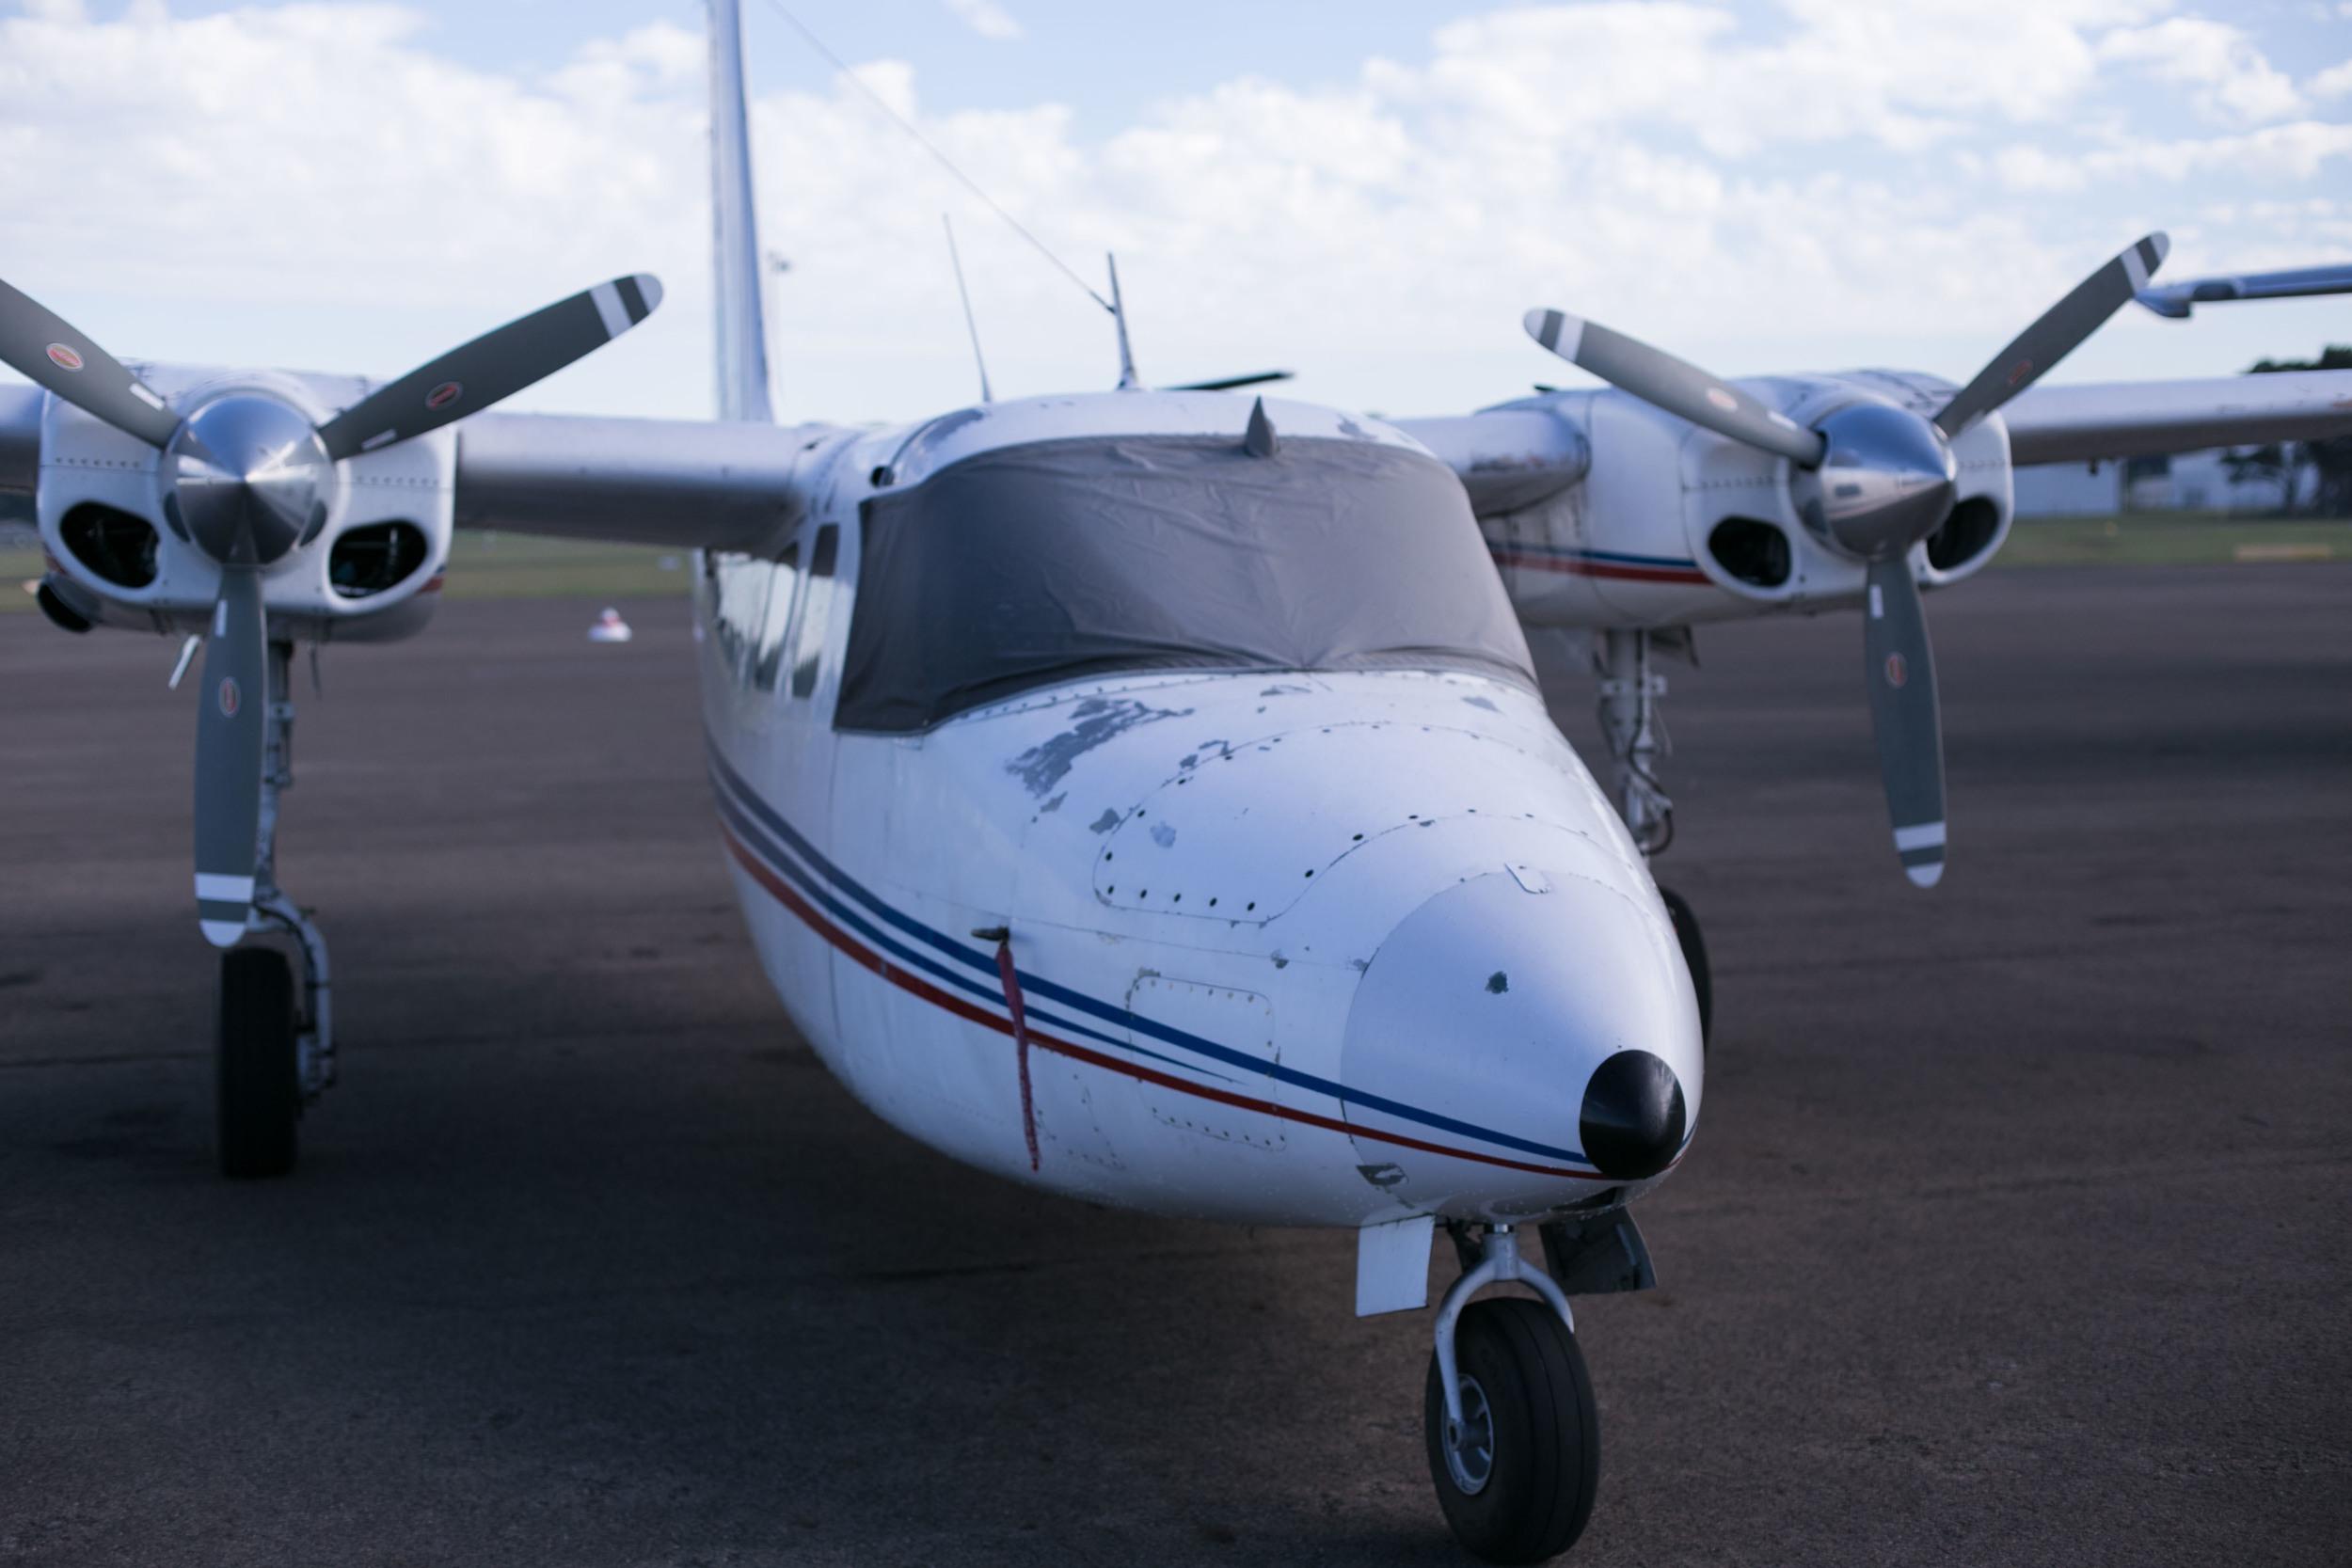 in_venus_Veritas_pilots_BANKSTOWN_AIRPORT-20.jpg